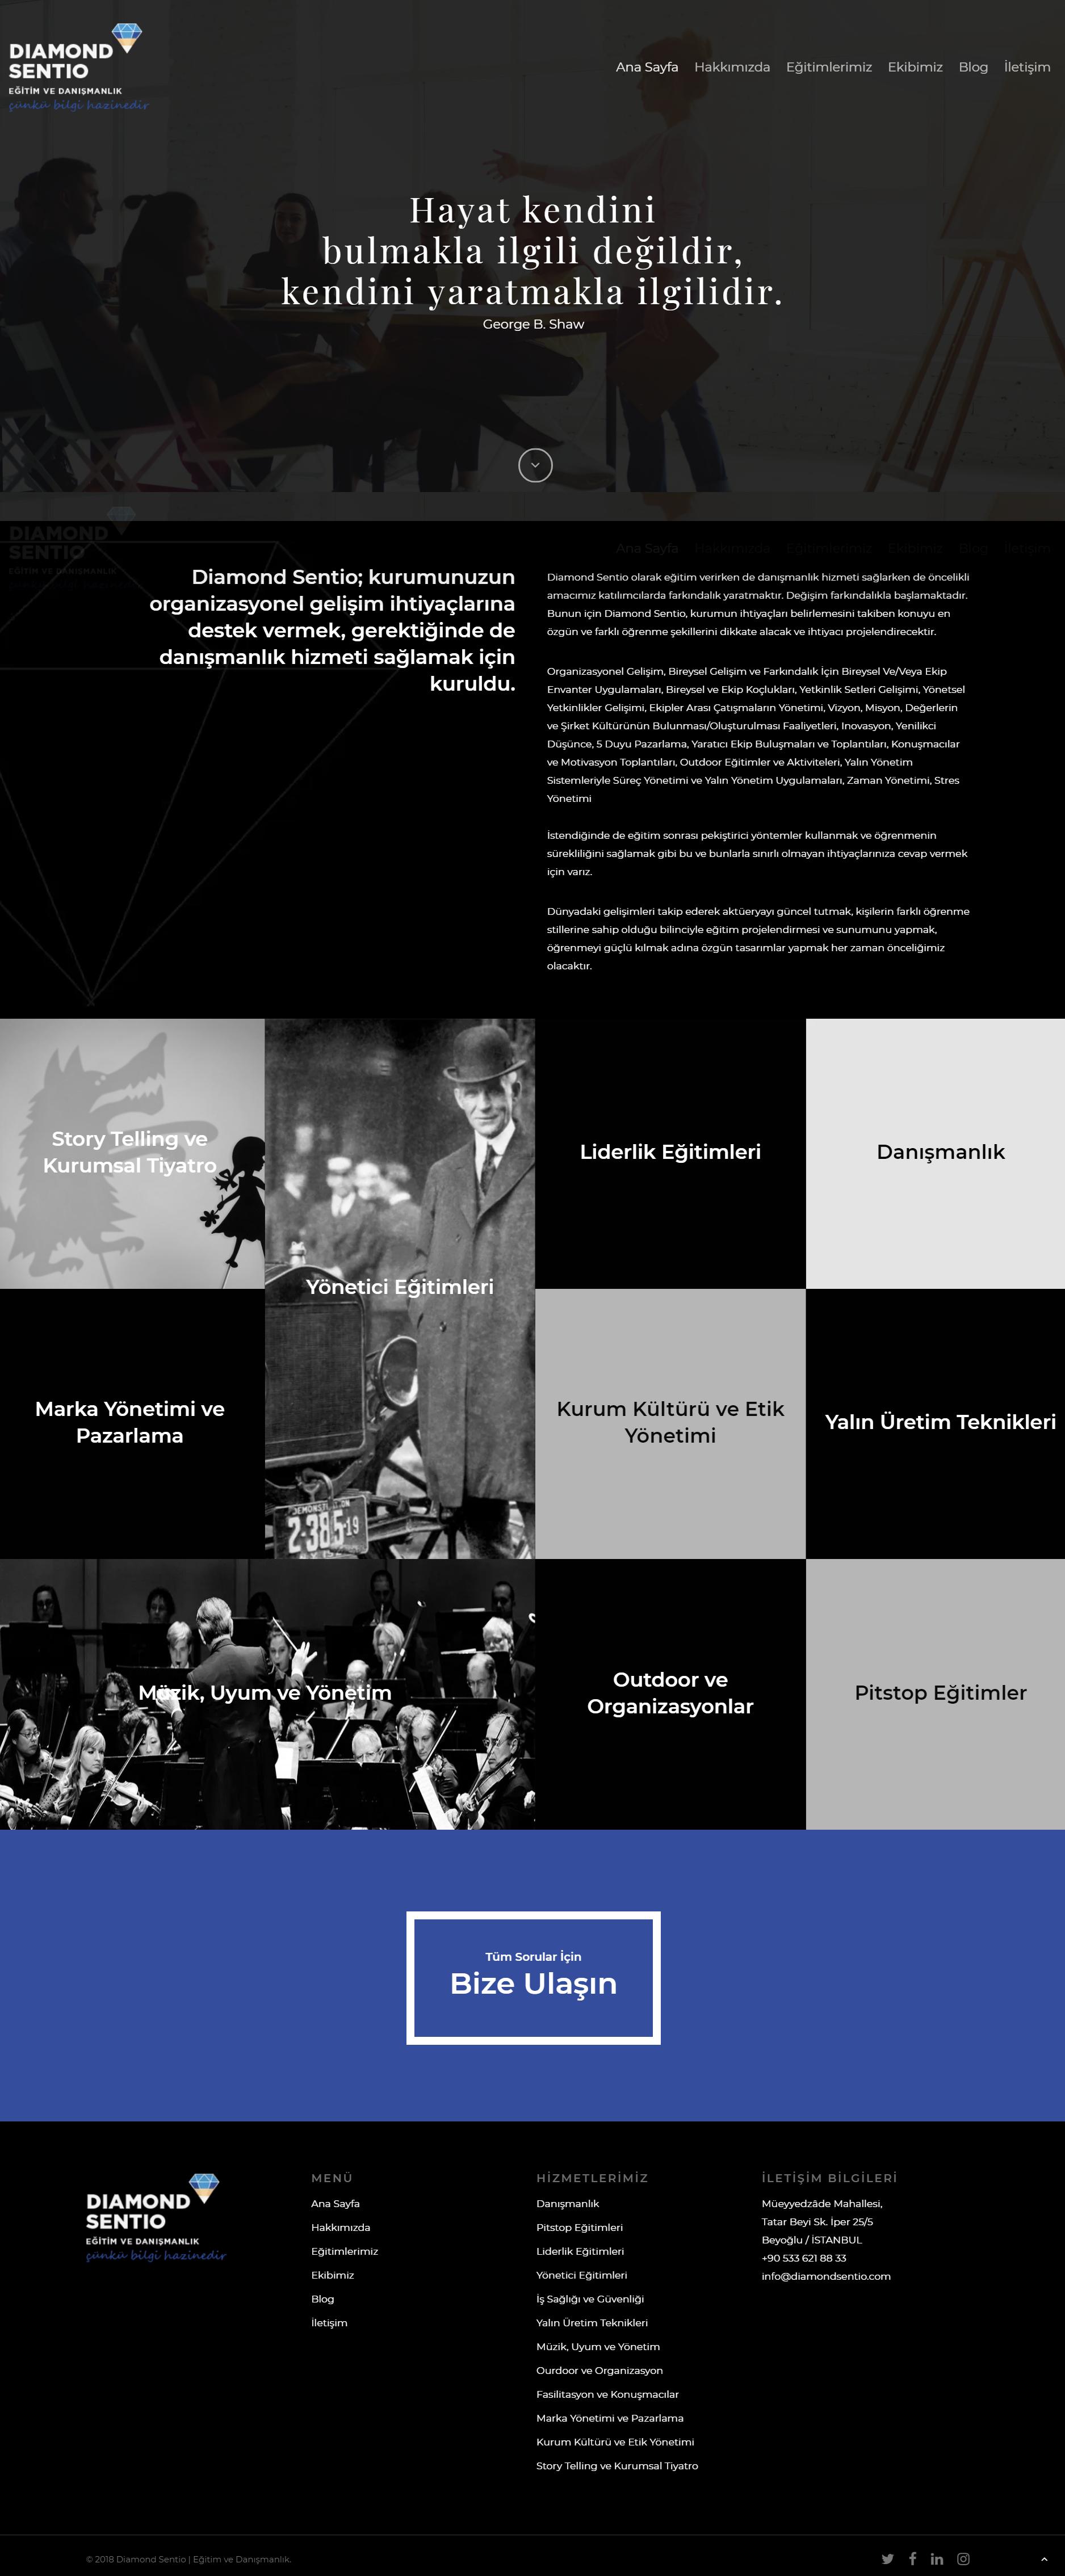 artcore-digital-diamond-sentio-website